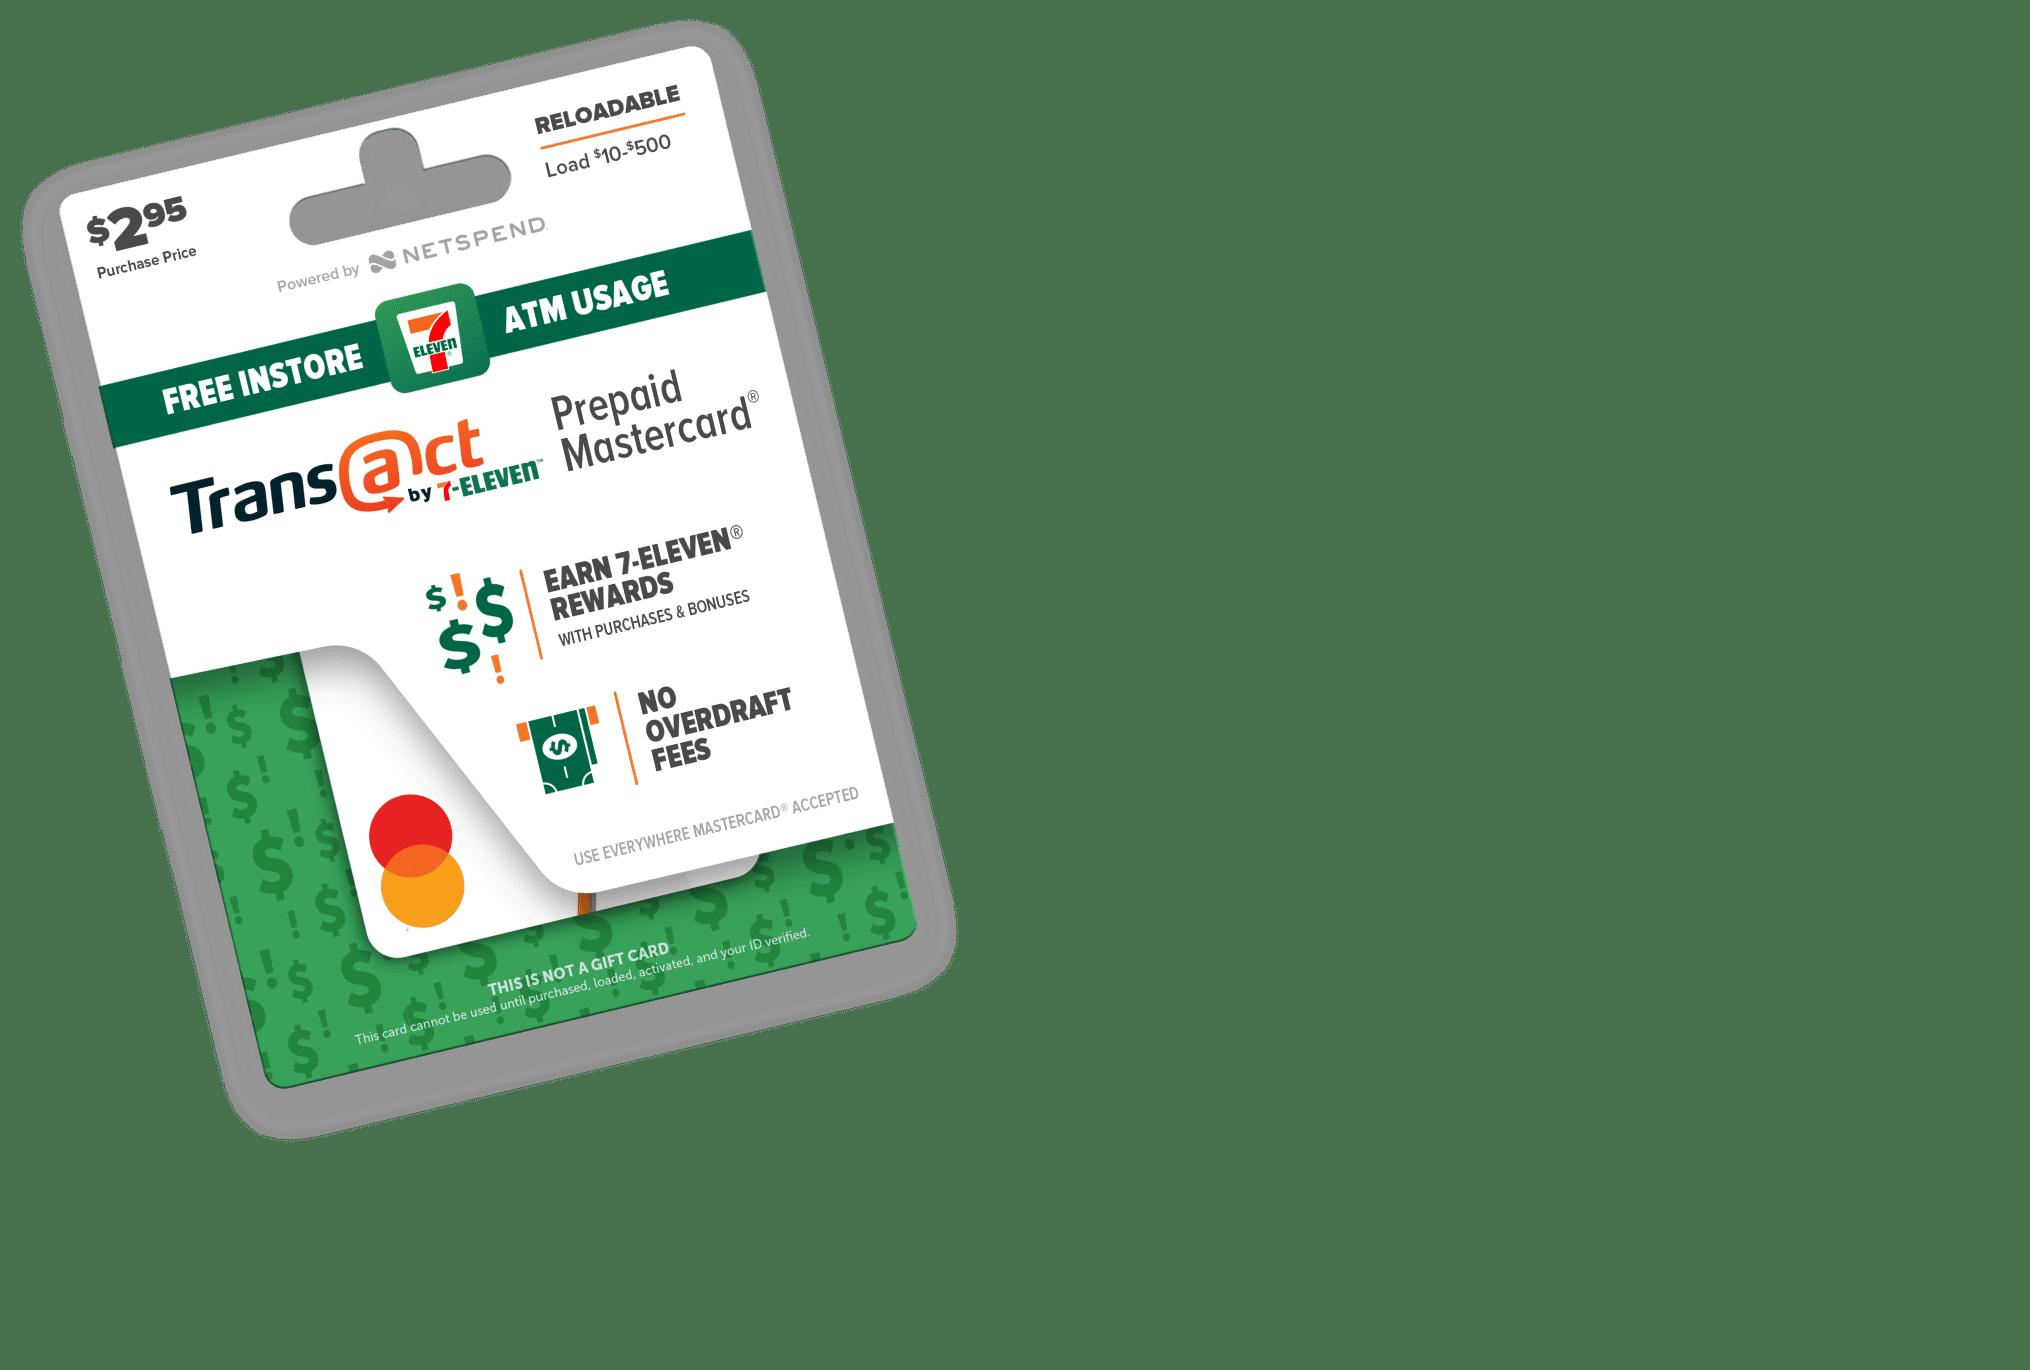 7-11 transact packaging designer